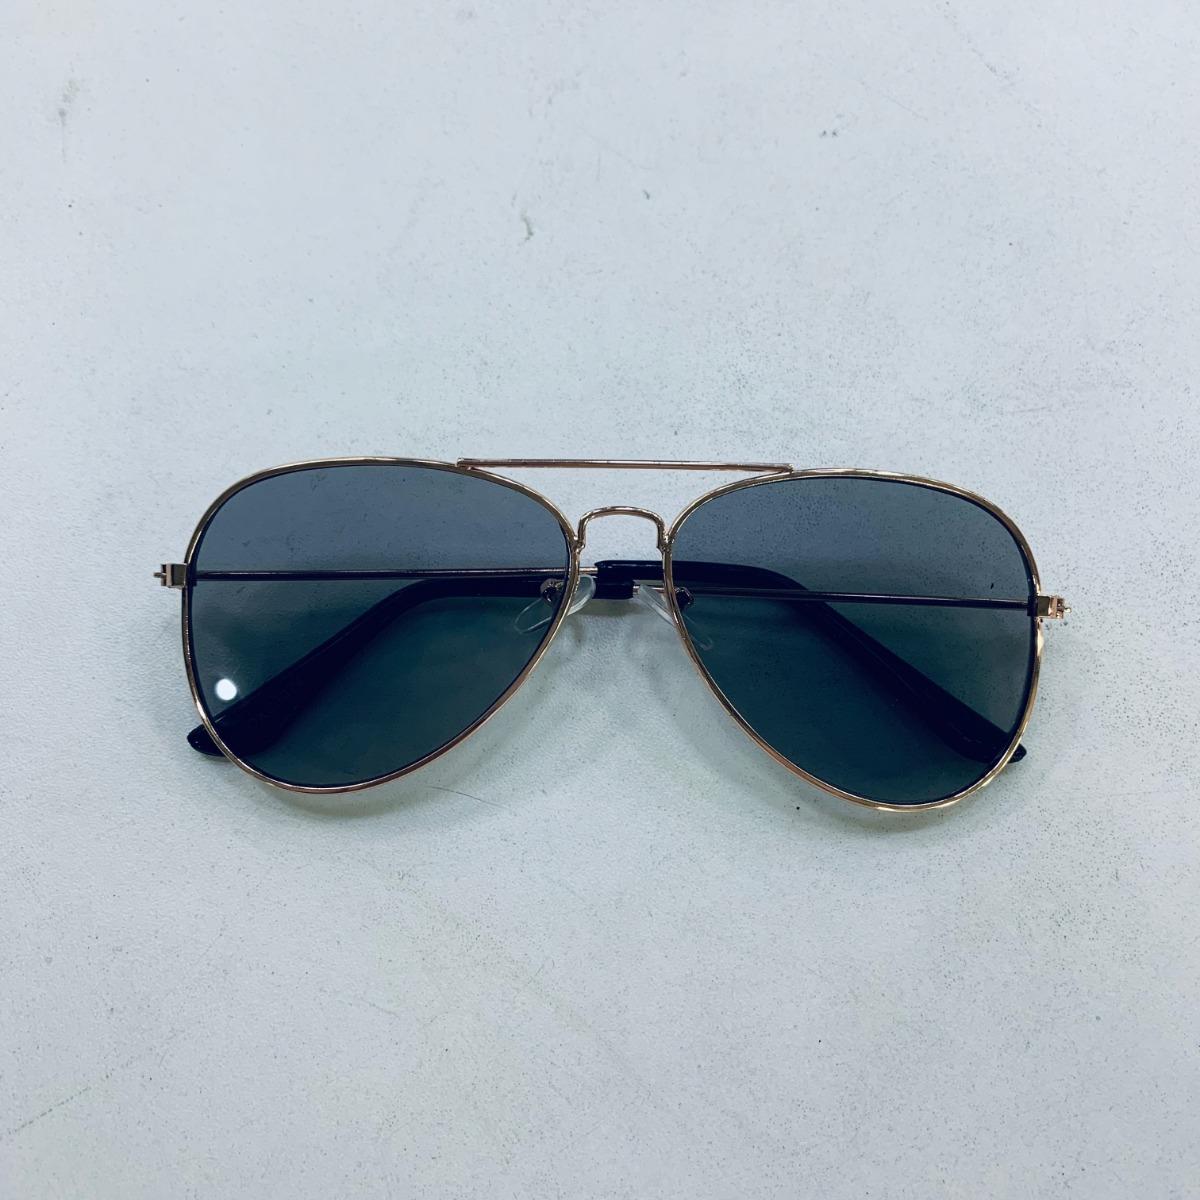 Óculos De Sol Para Infantil Masculino - R  39,99 em Mercado Livre b8167e58b8